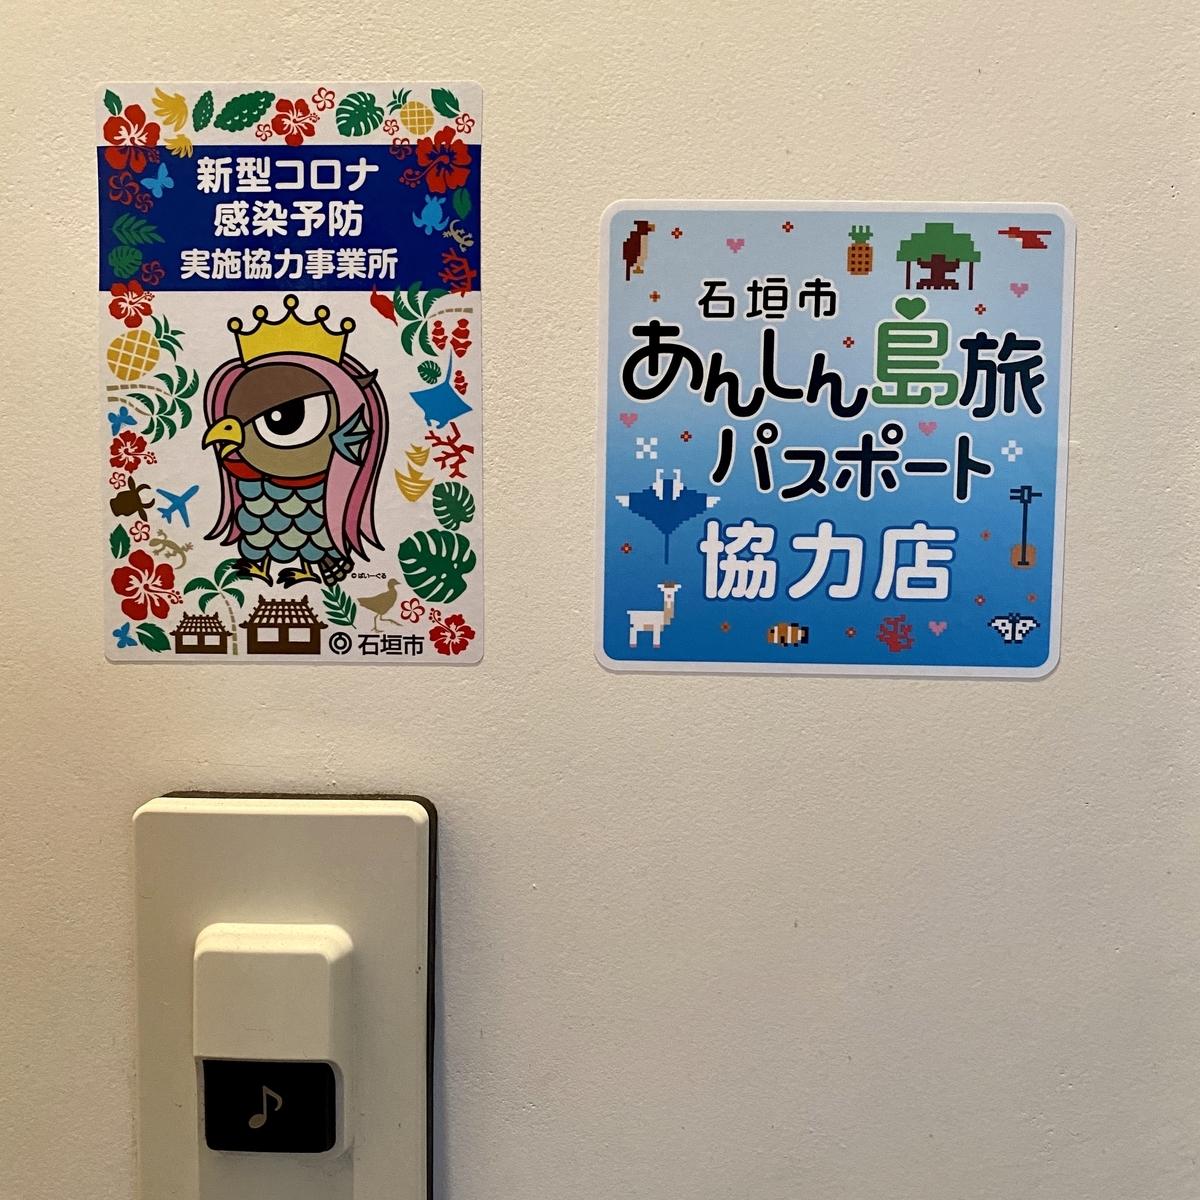 f:id:guestroomarunishigaki:20201004080352j:plain